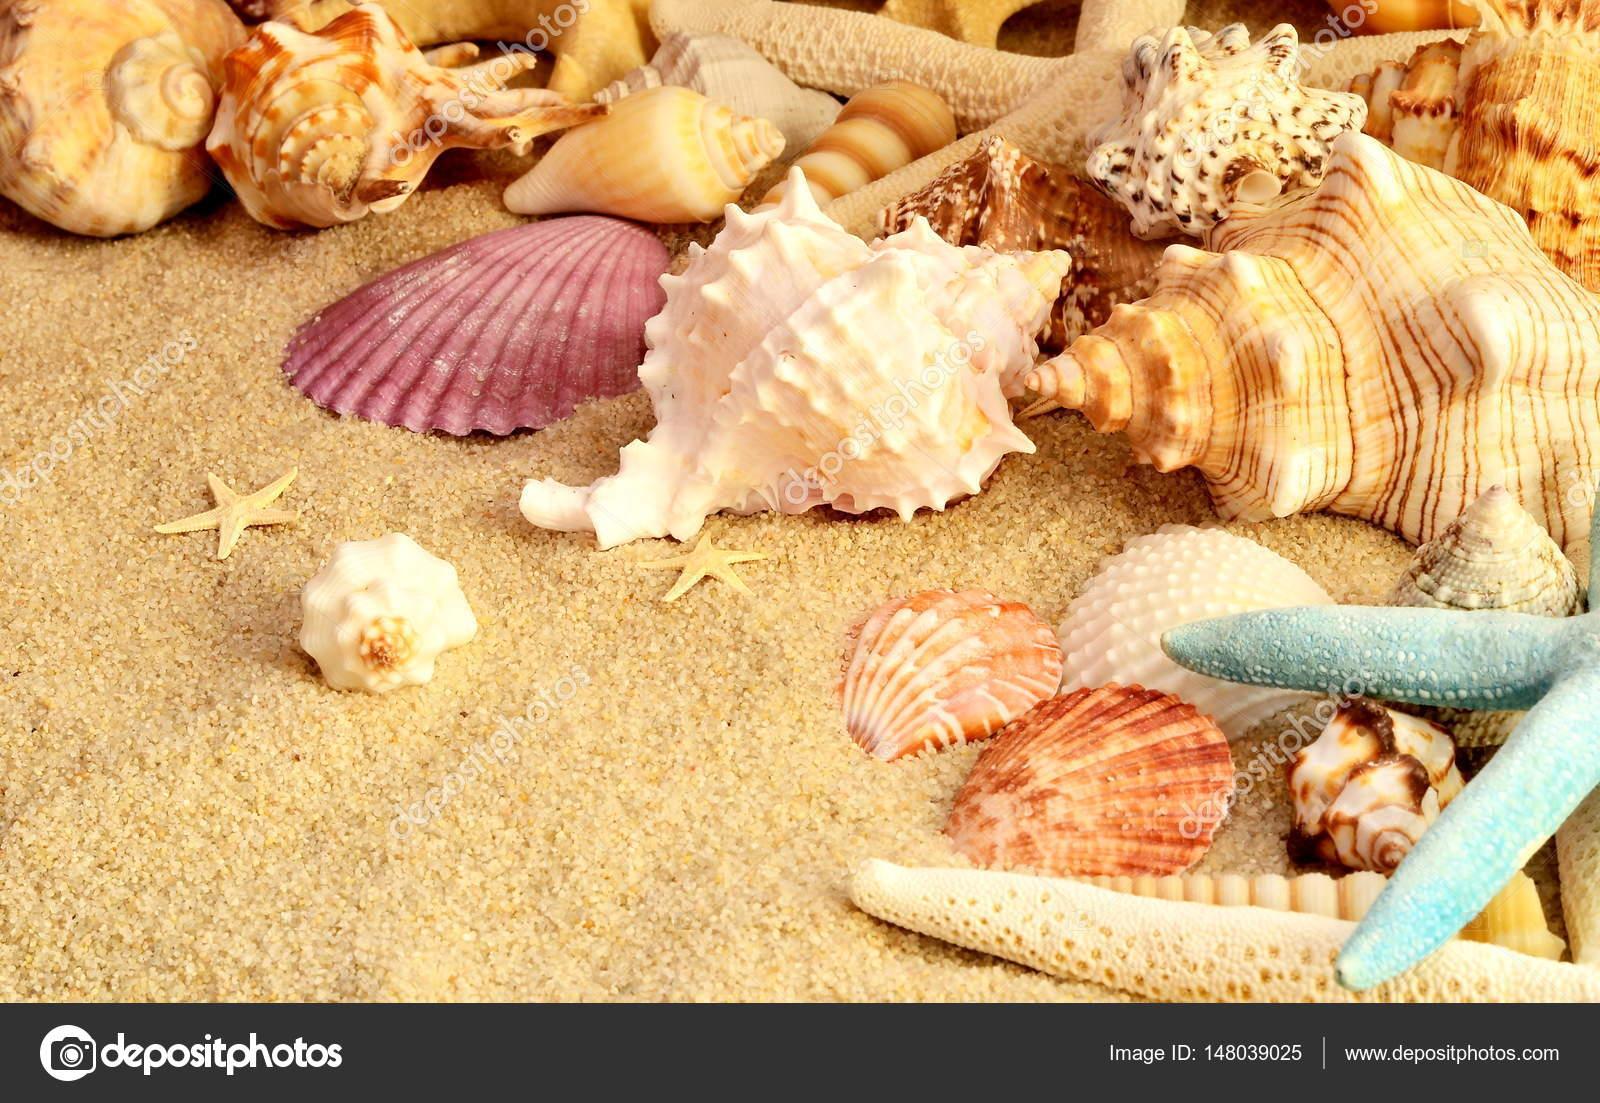 Fotos Conchas Marinas Conchas De Mar Como Telon De Fondo Conchas - Fotos-de-conchas-de-mar